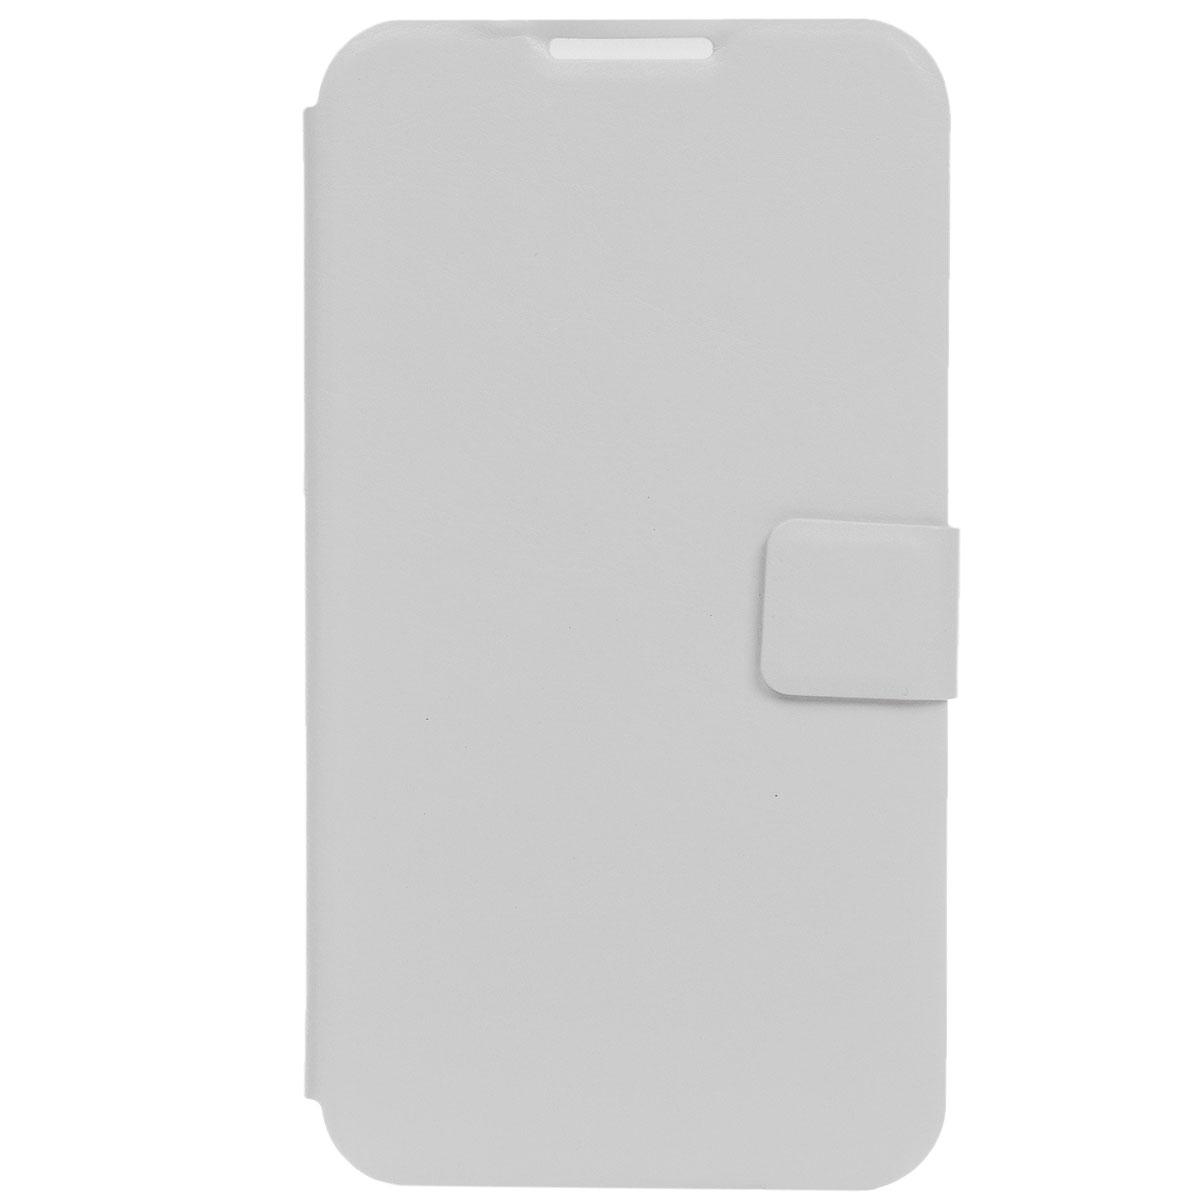 Ecostyle Shell универсальный чехол для телефонов с экраном 5.6-6, White чехлы накладки для телефонов кпк odd shell iphone5s plus